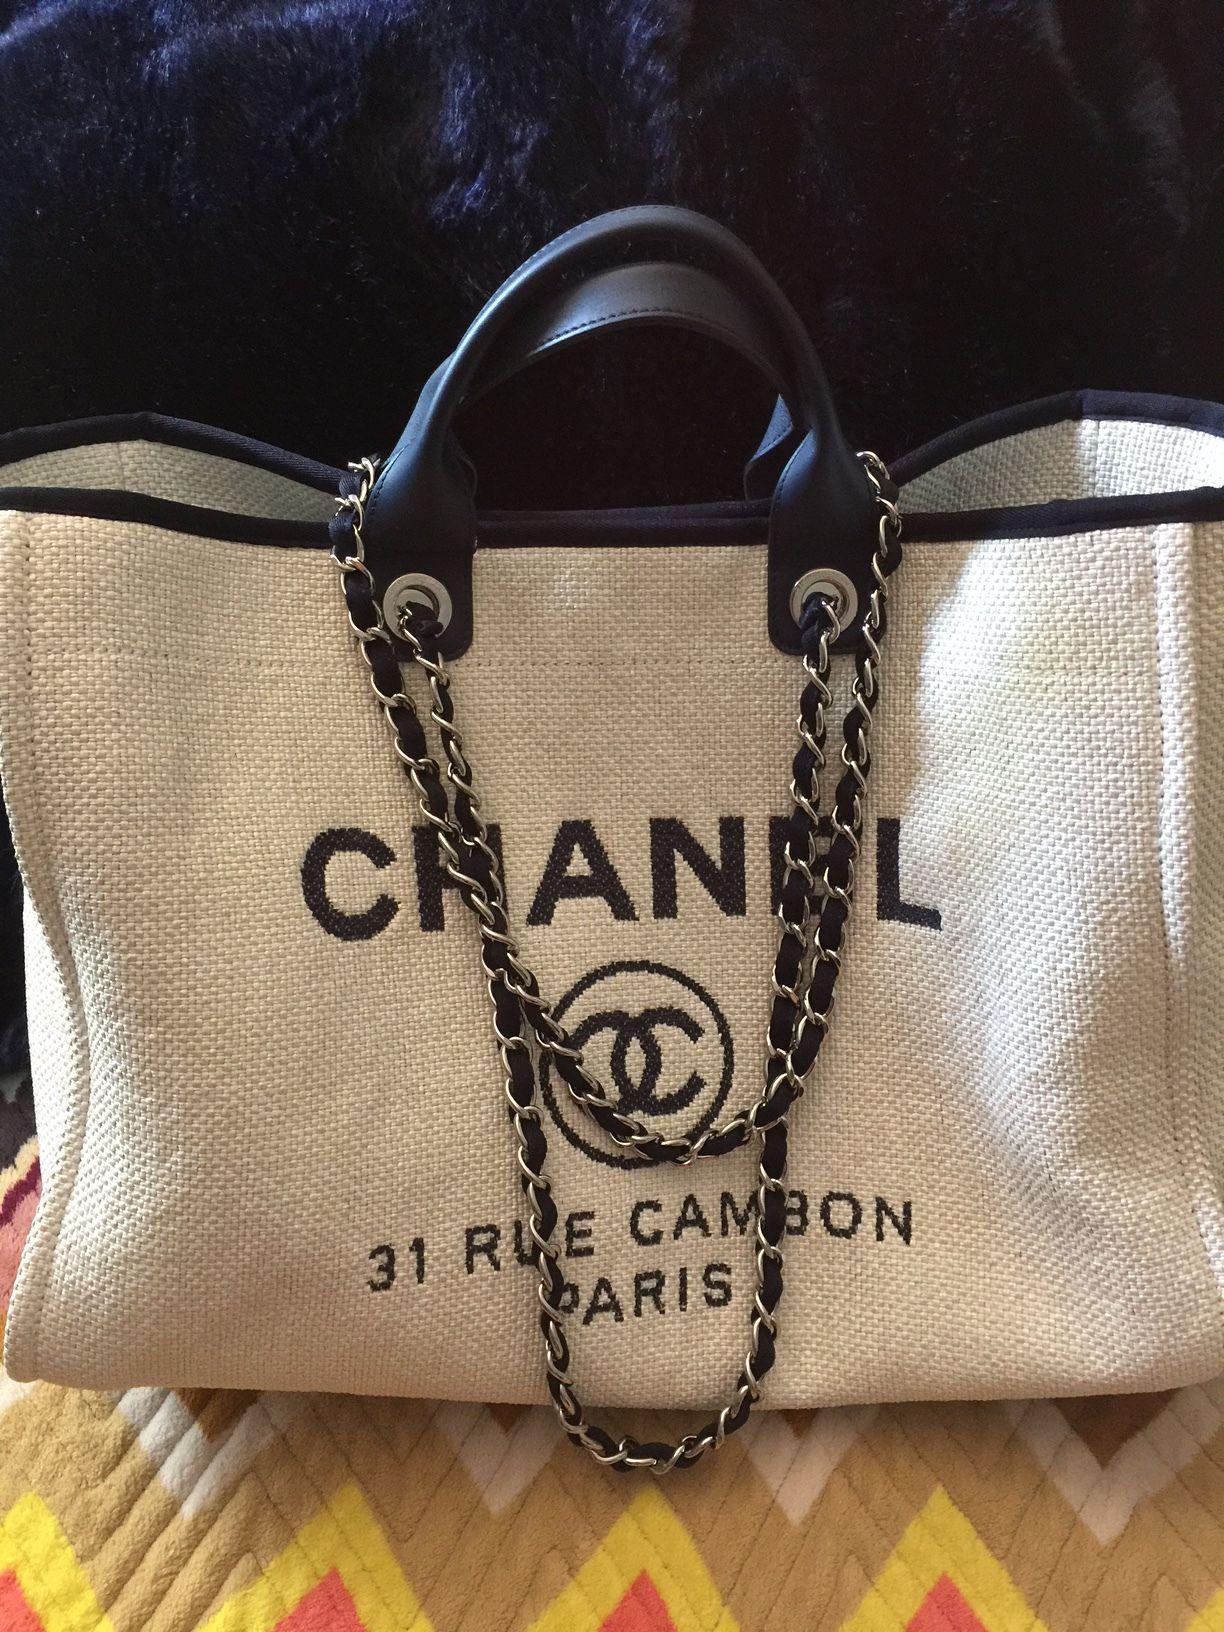 e48d167a22b55a chanel deauville tote #chaneltote #chaneldeauvilletote #deauvilletote # Chanel